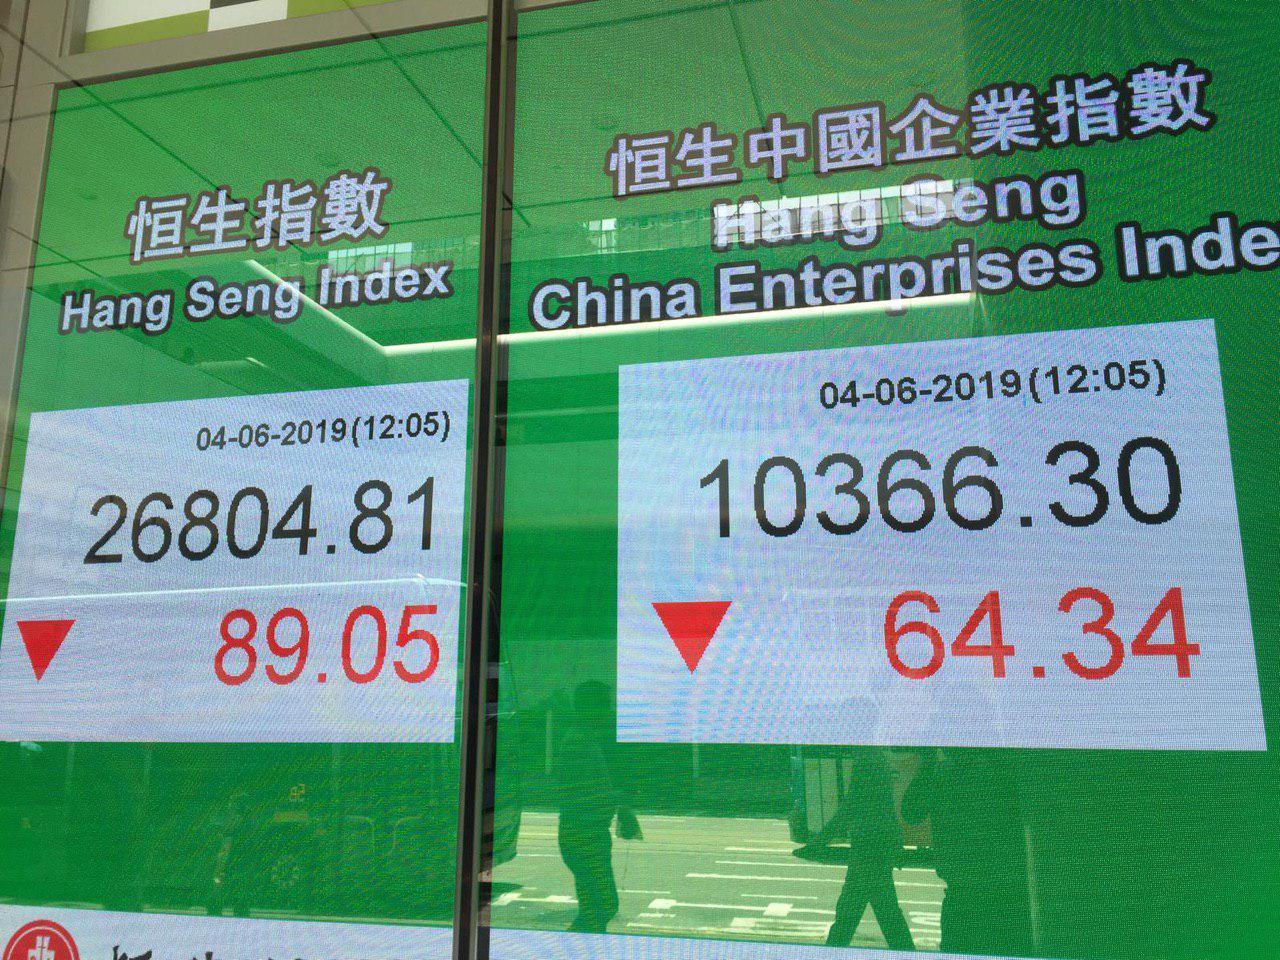 恒生指數中午收市報26,804點,下跌89點;恒生中國企業指數則跌64點,剛好湊成「8964」的數字。(大紀元)